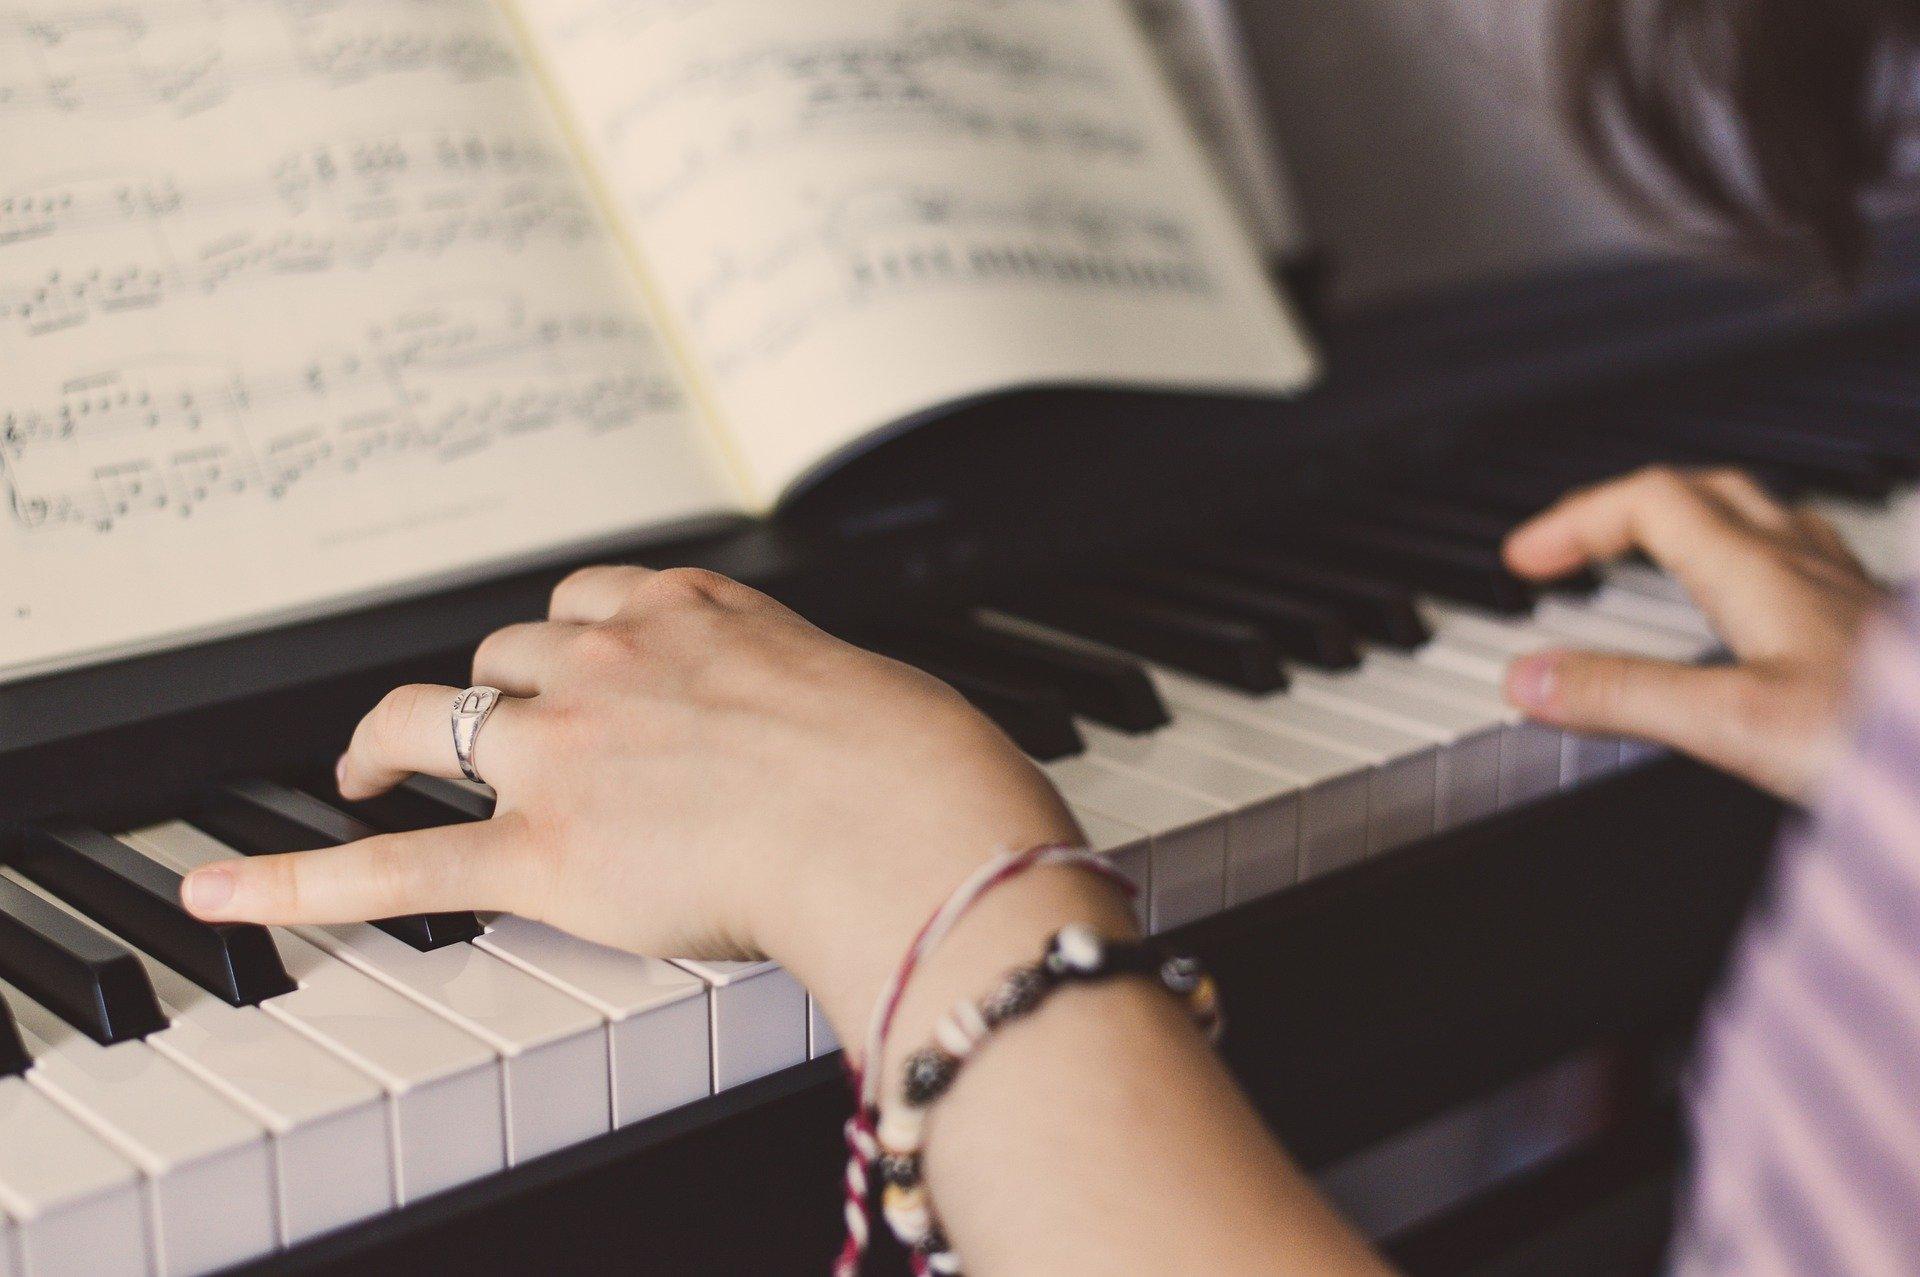 Apprendre le piano en autodidacte : bonne idée ou pas ?